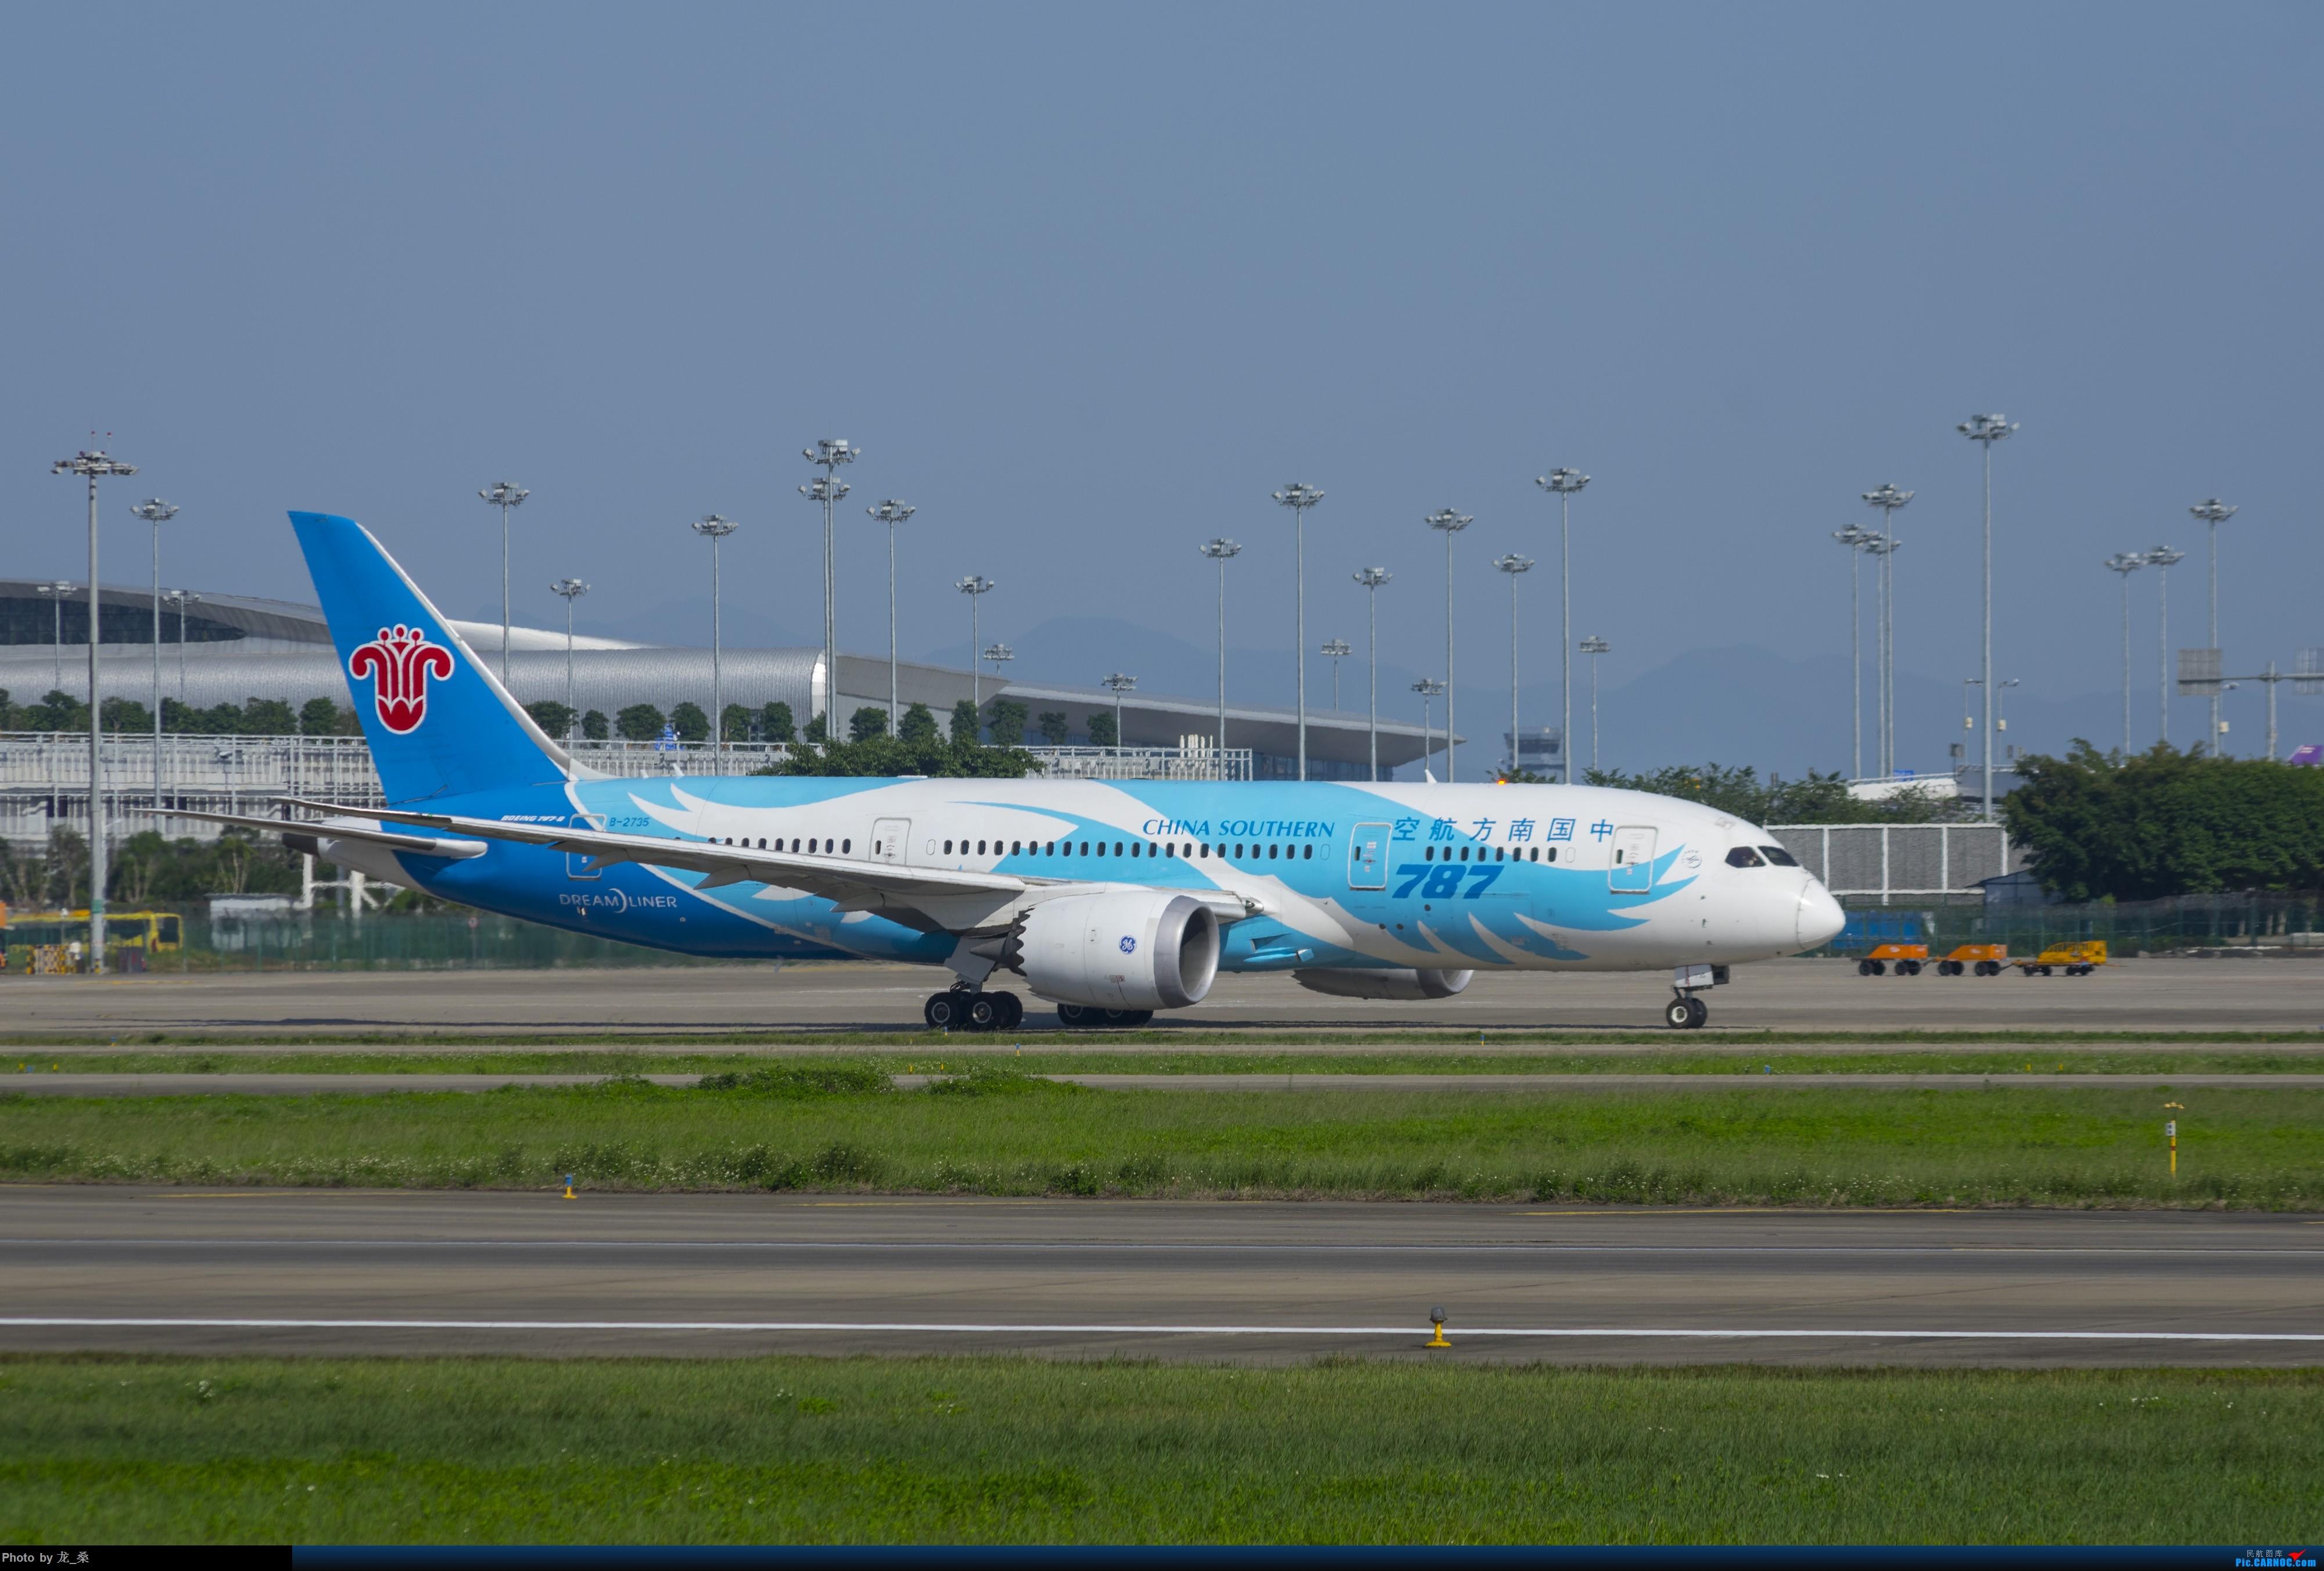 Re:[原创]发一组CAN的旧图,我可能是论坛唯一宾得党了吧 BOEING 787-8 B-2735 中国广州白云国际机场